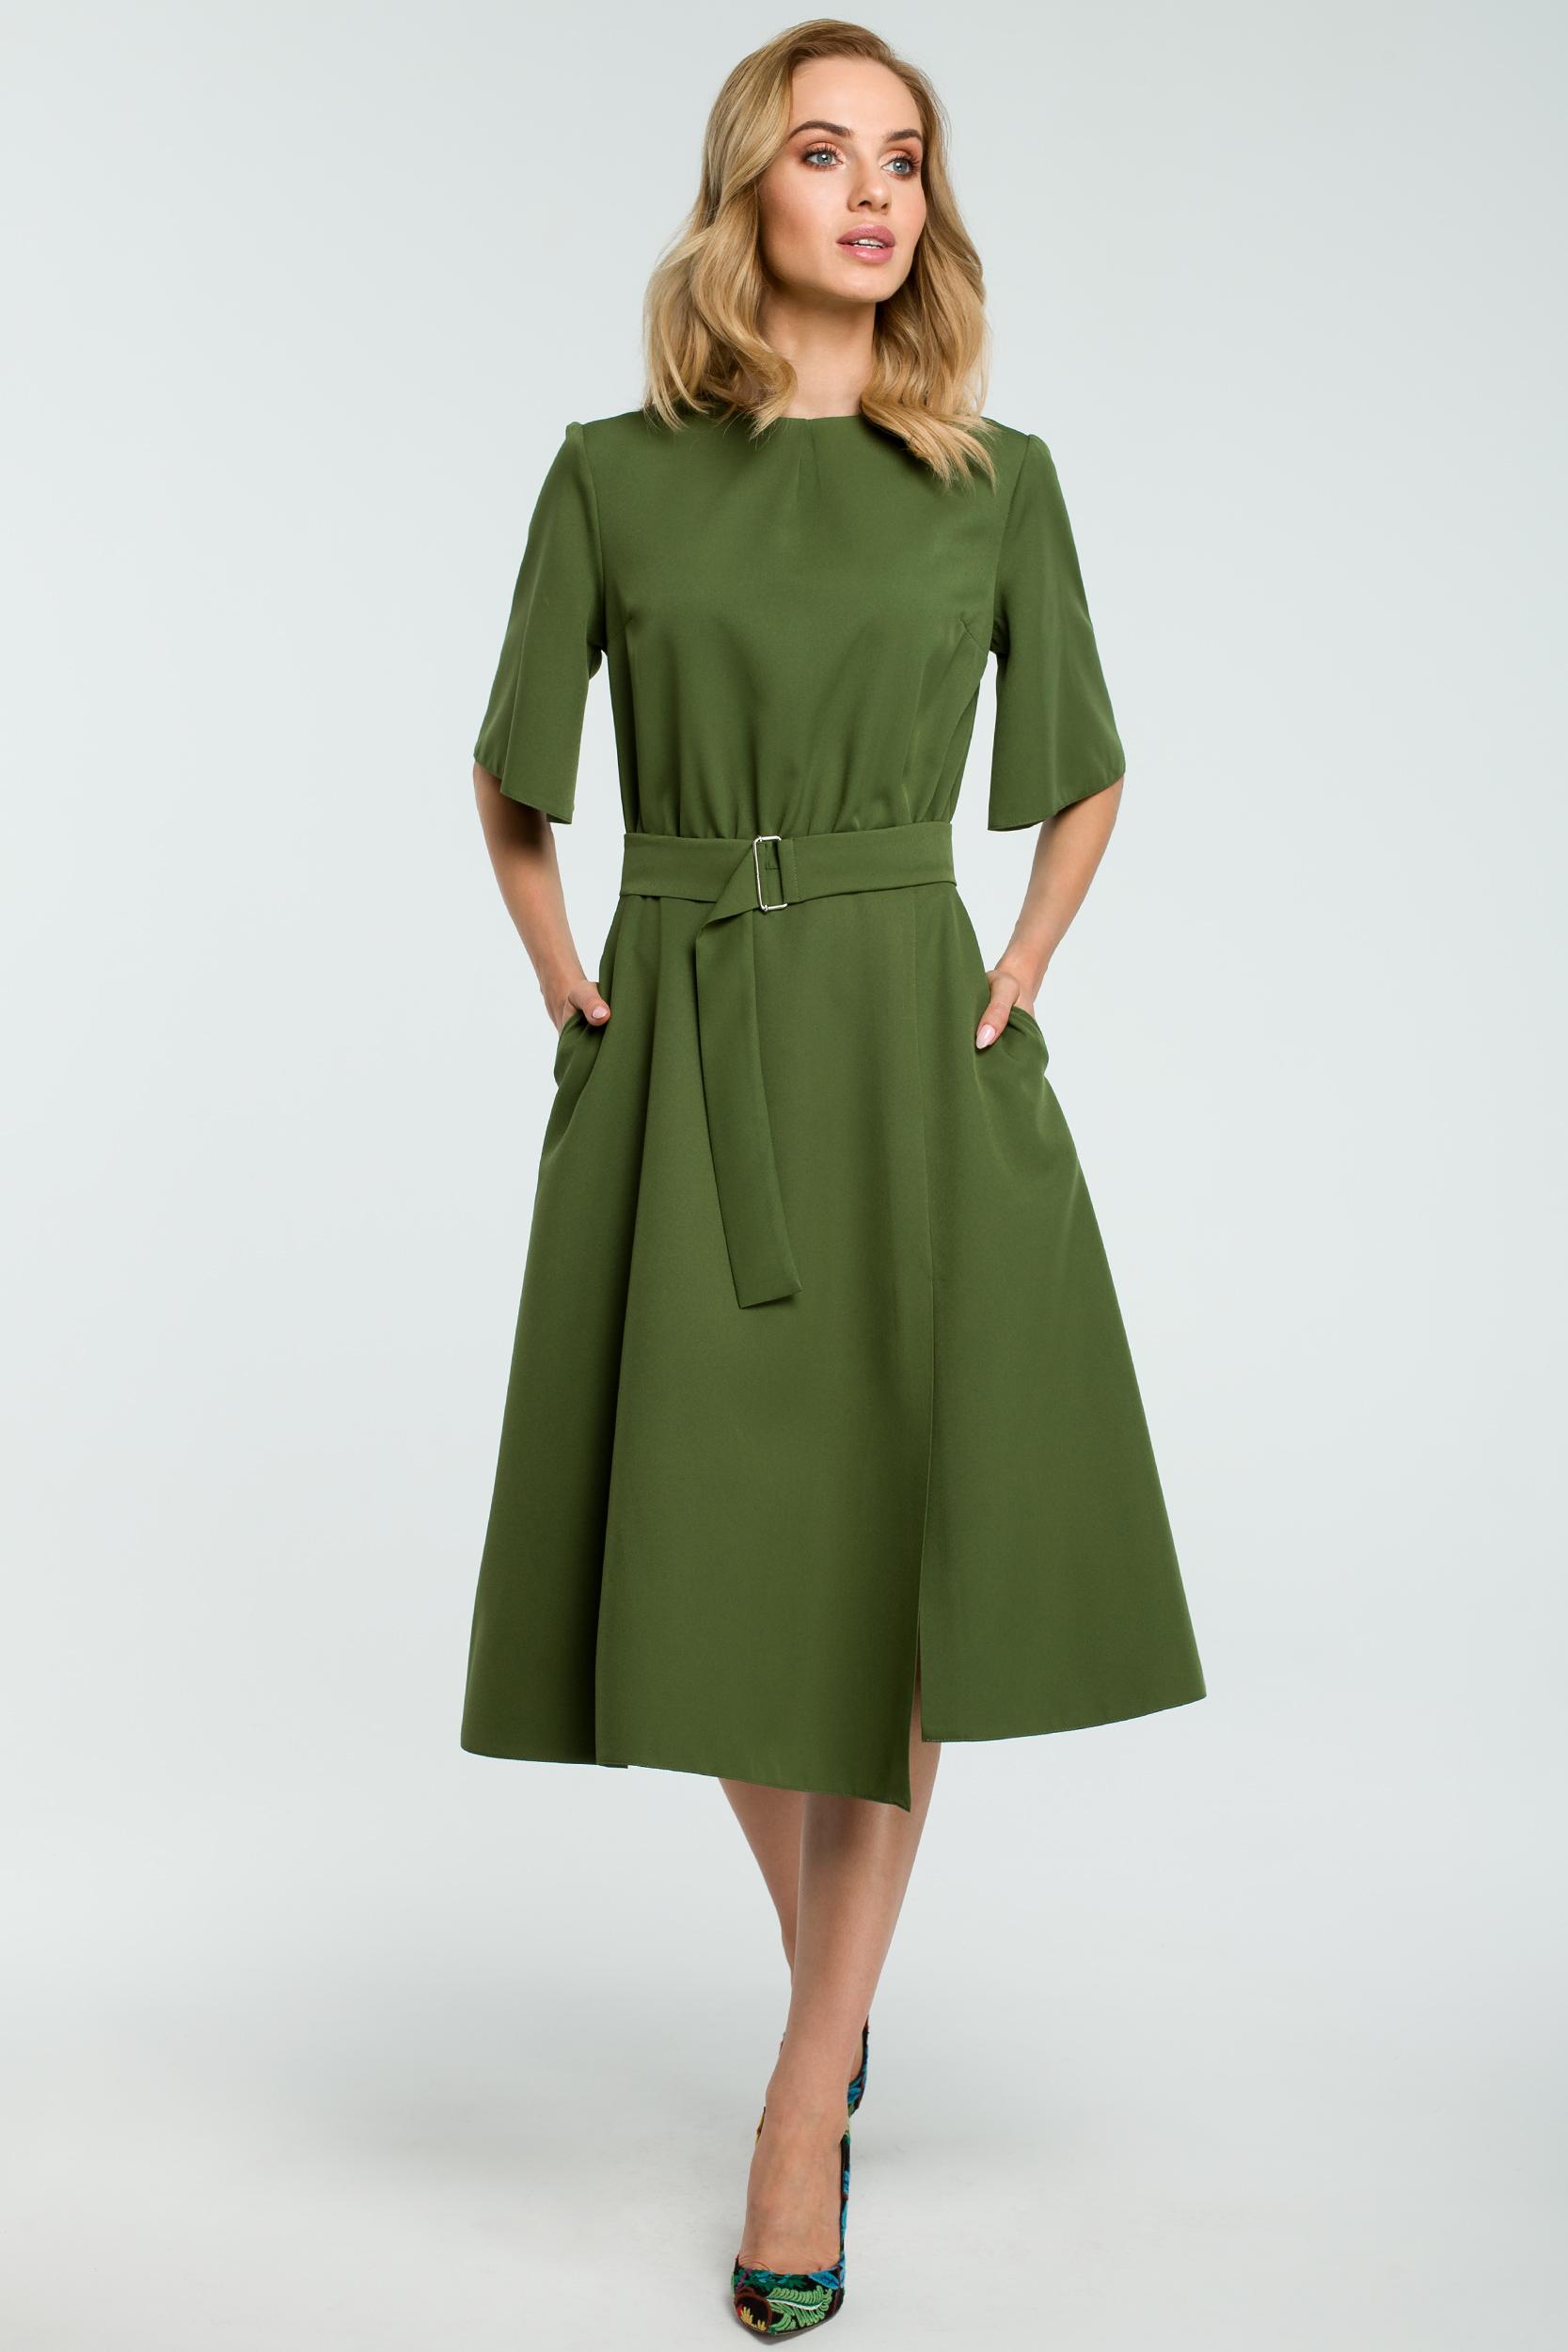 c8d3dd0f7c Elegancka sukienka do biura midi z paskiem - wysyłka kurierem od 5